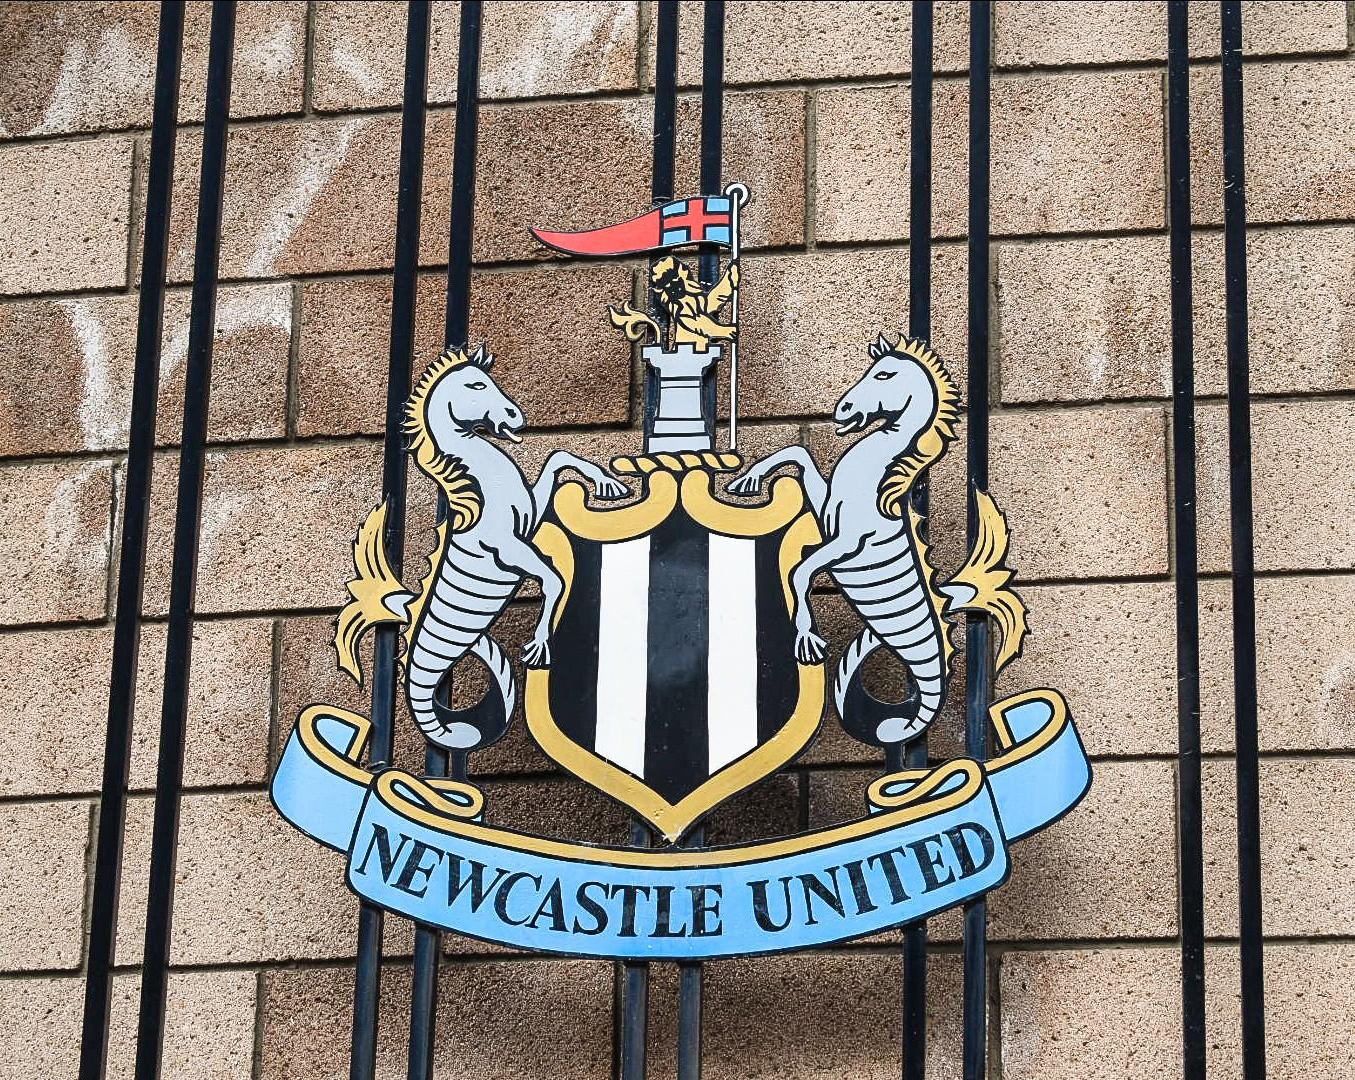 New Rich, Newcastle è diventato il terzo club più costoso venduto;  Guarda l'elenco con PSG, City e altro (Foto: Kelly McClay e www.cartridgesave.co.uk)